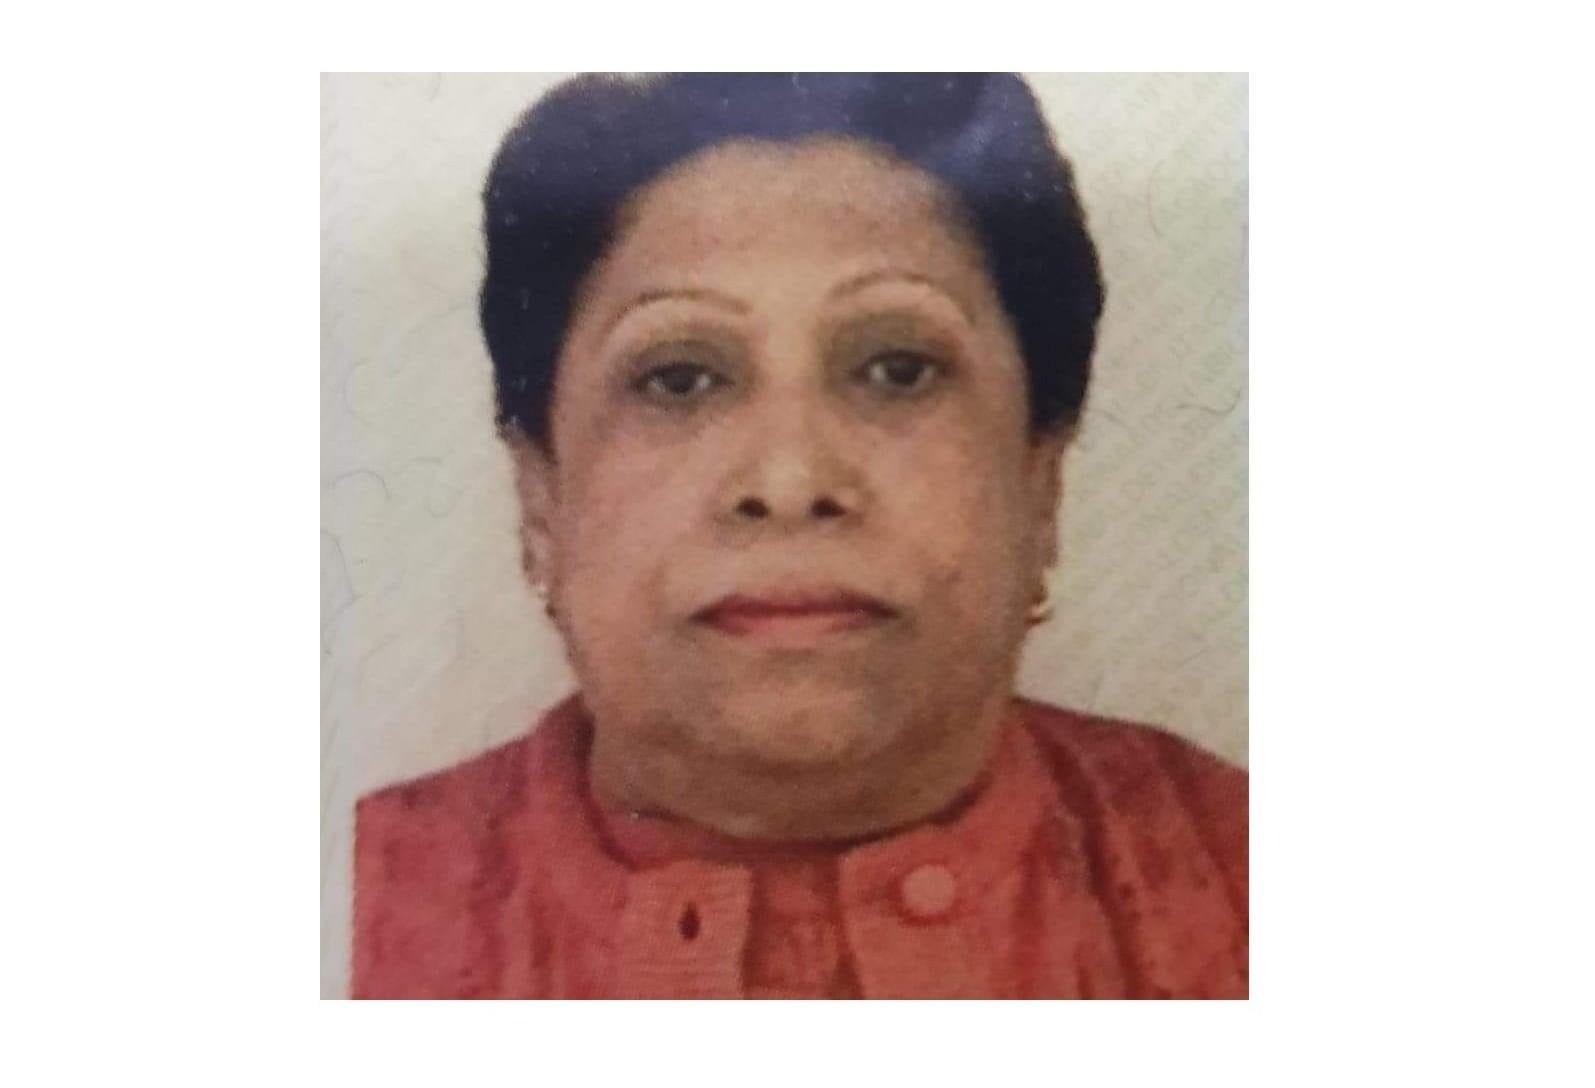 Idosa de 81 anos está desaparecida em Maringá